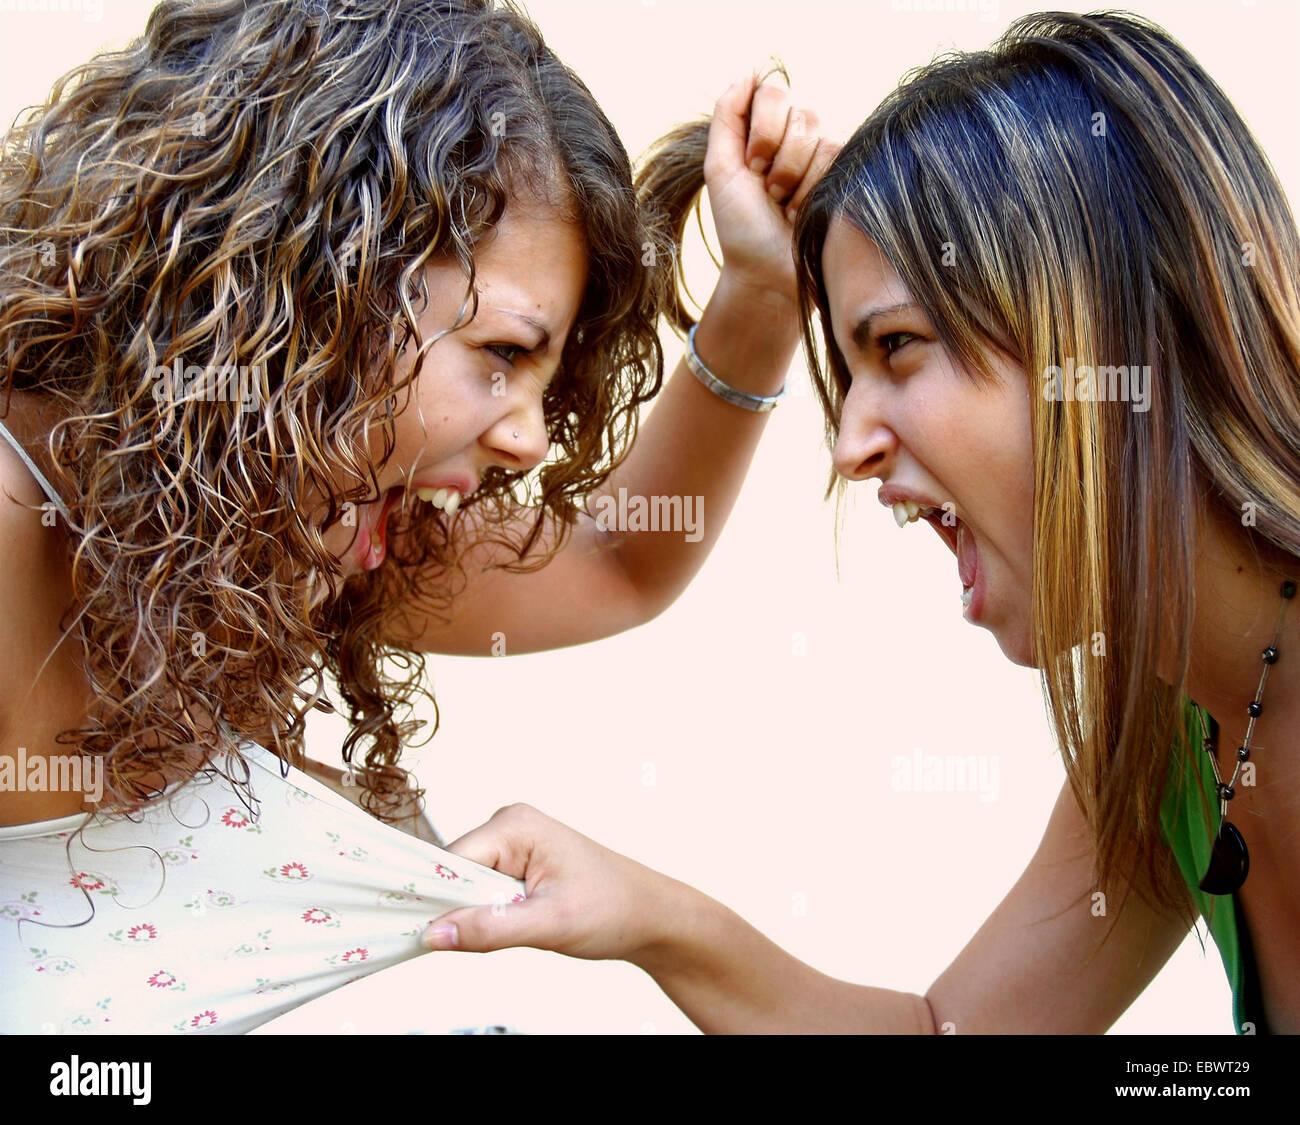 Dos mujeres jóvenes se vuelven violentos cara a cara Imagen De Stock